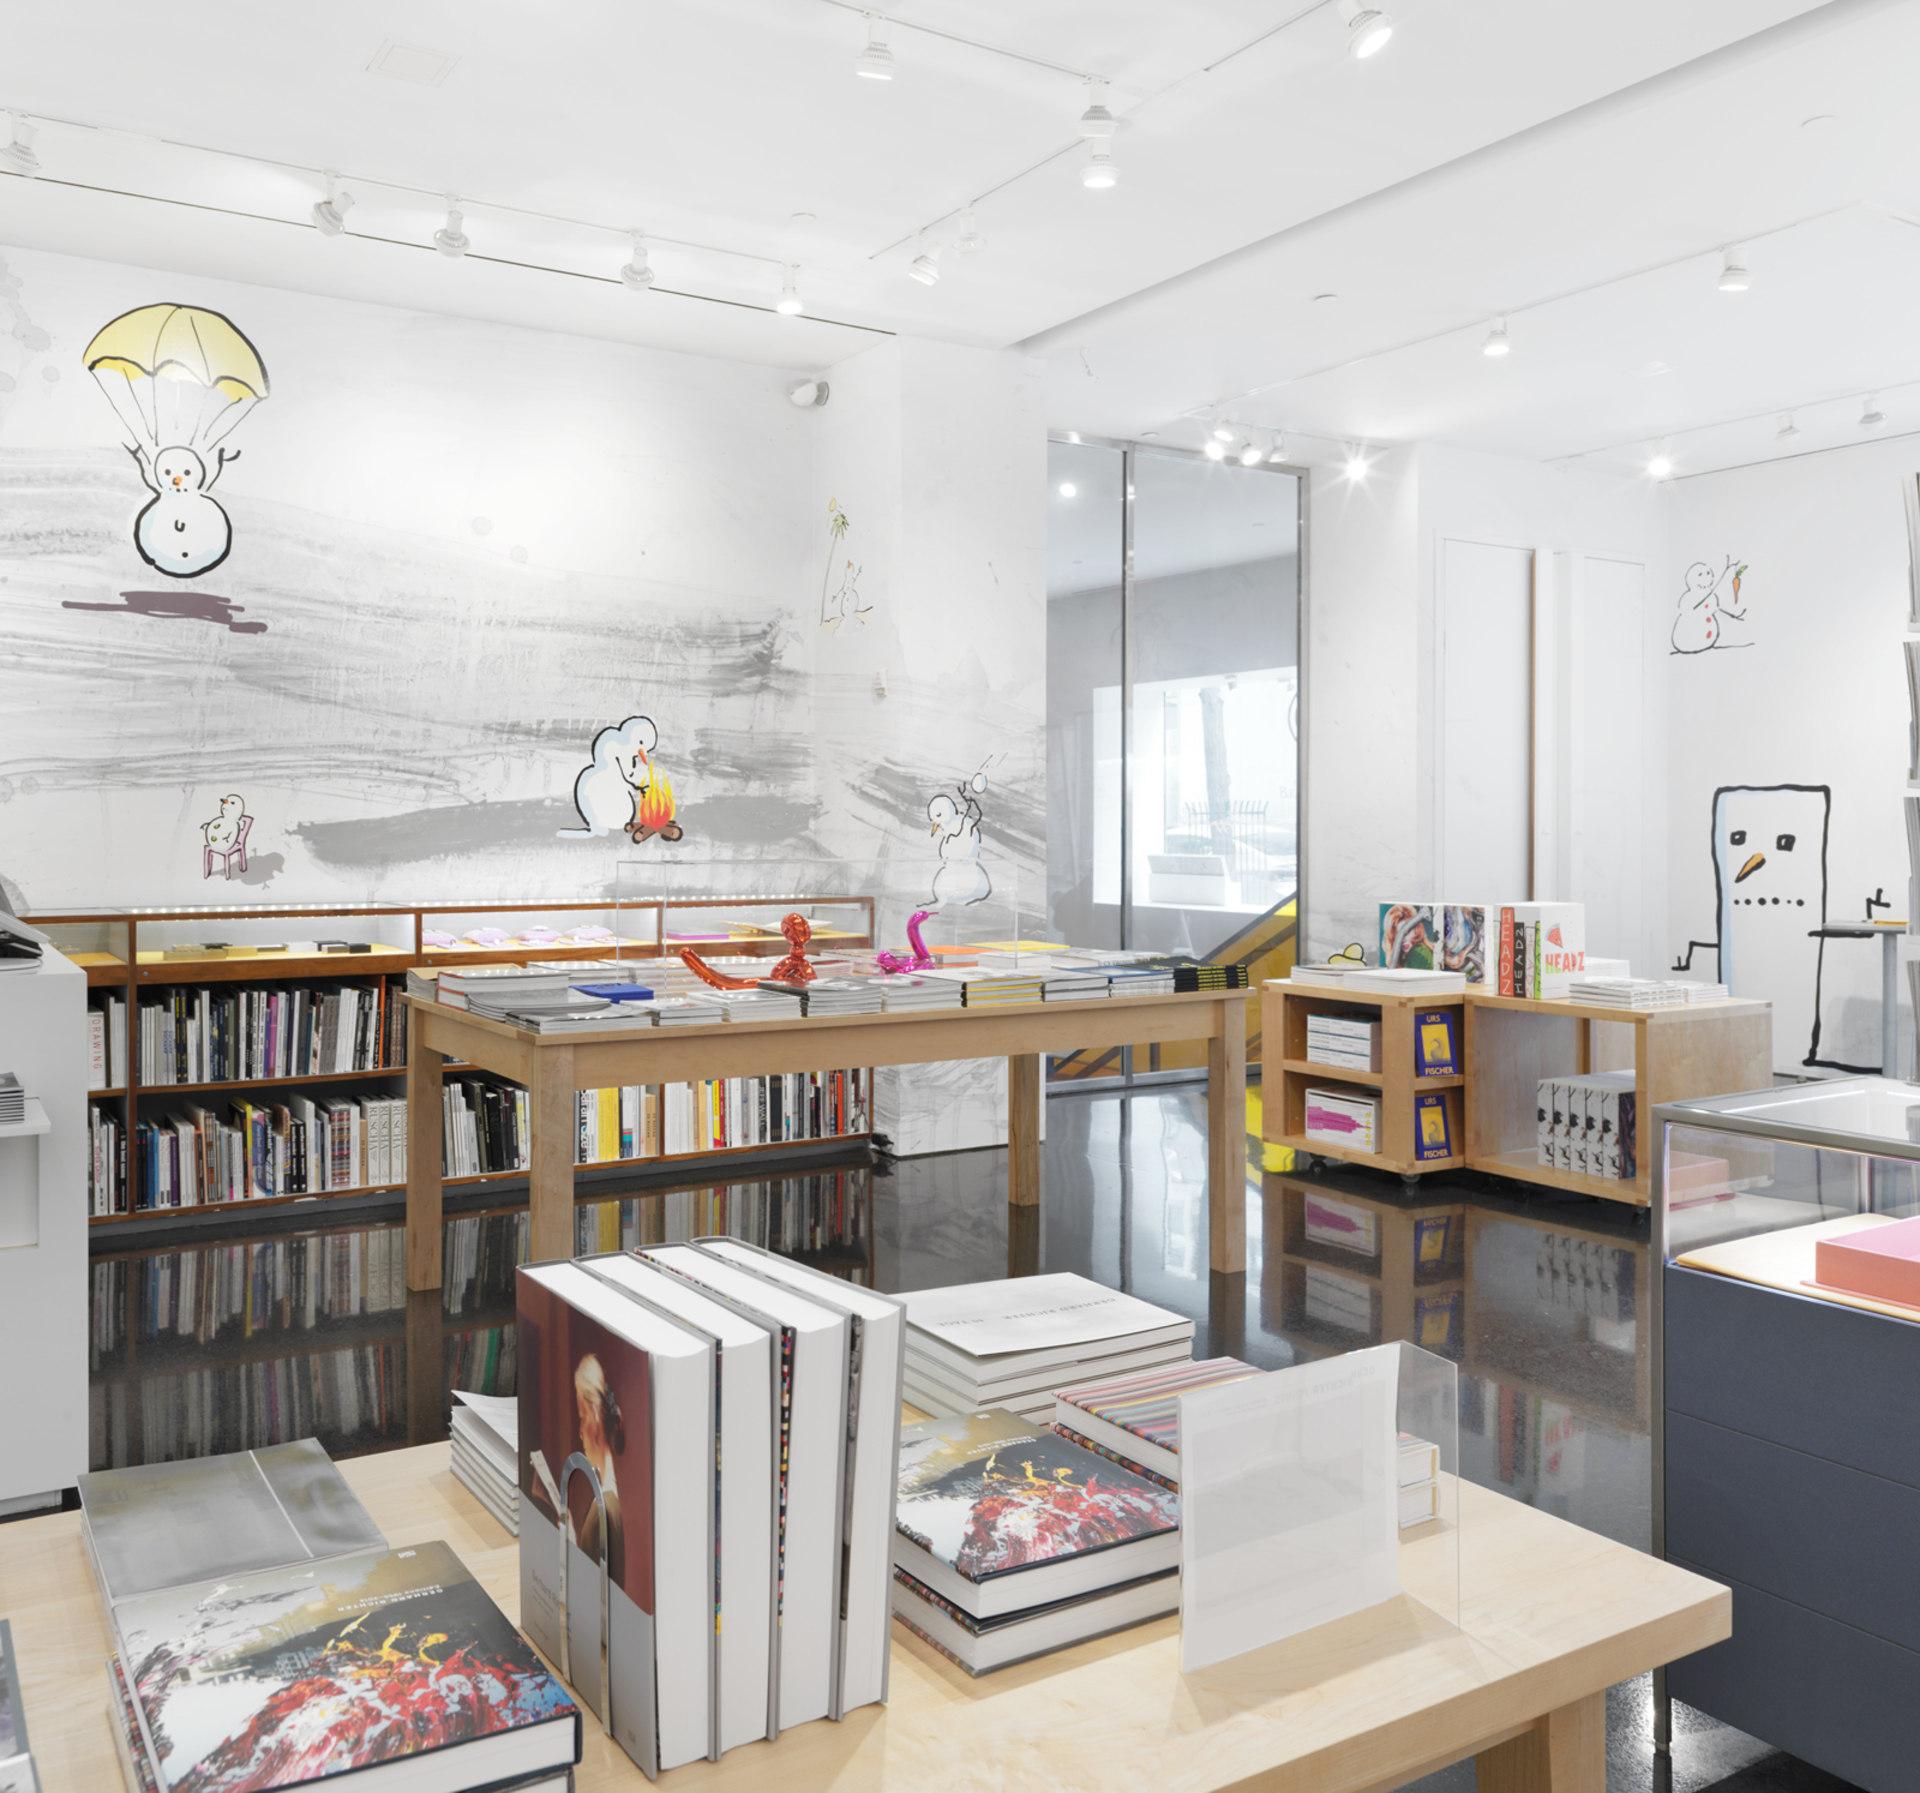 Gagosian bookshop takeover